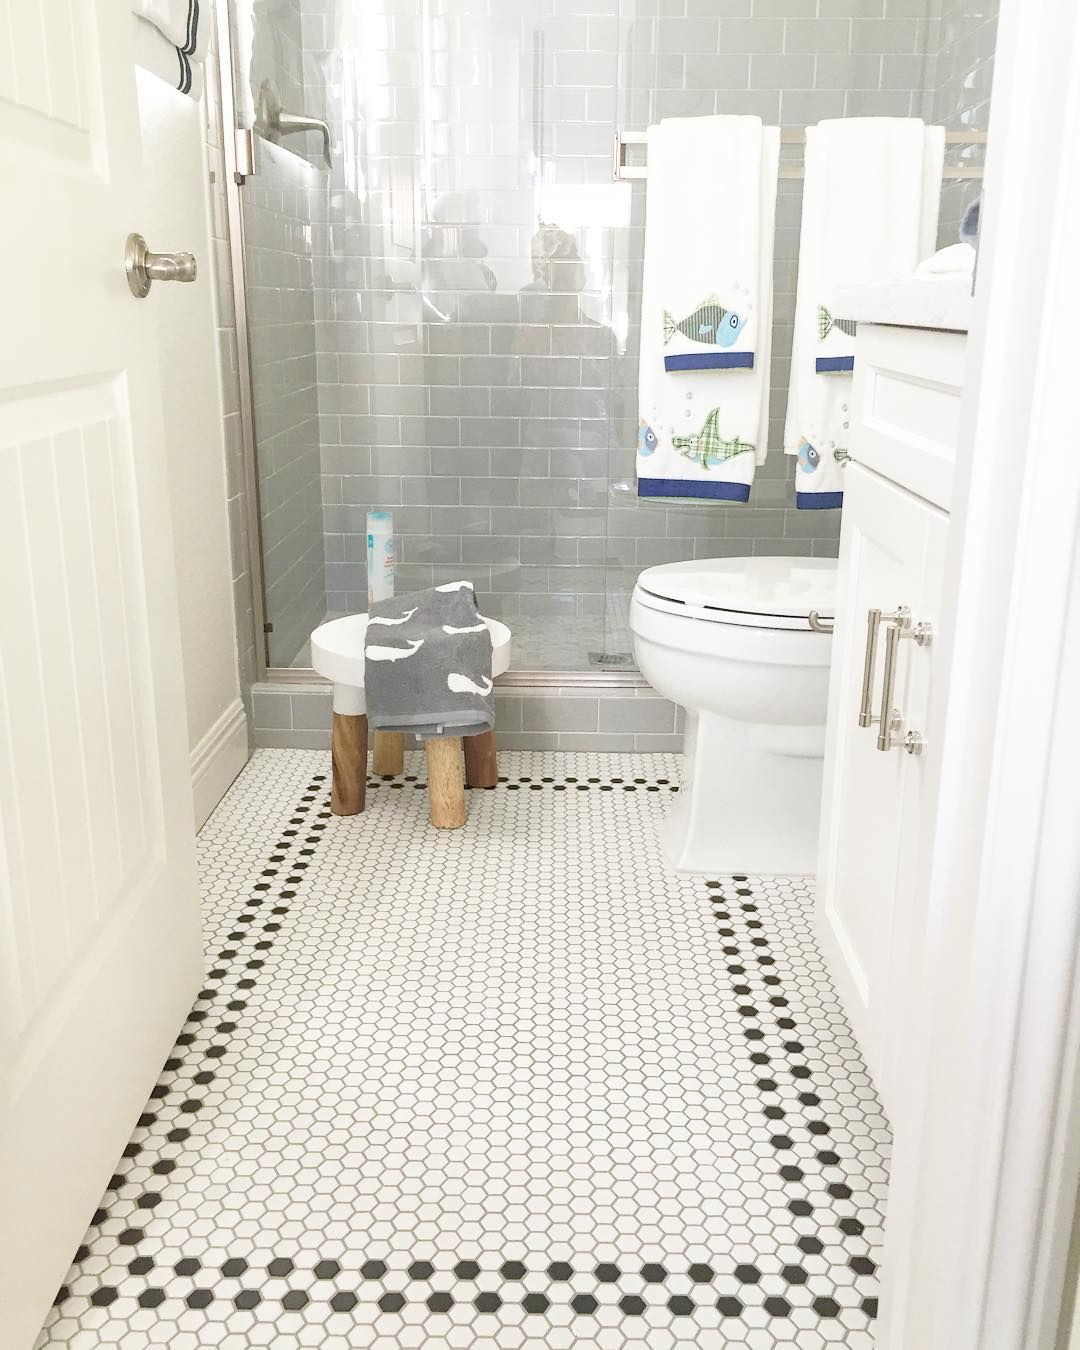 Design Trends Premium Psd Vector Downloads: 23 Bathroom Tiles Designs Bathroom Designs Design Trends Premium PSD, Vector Downloads